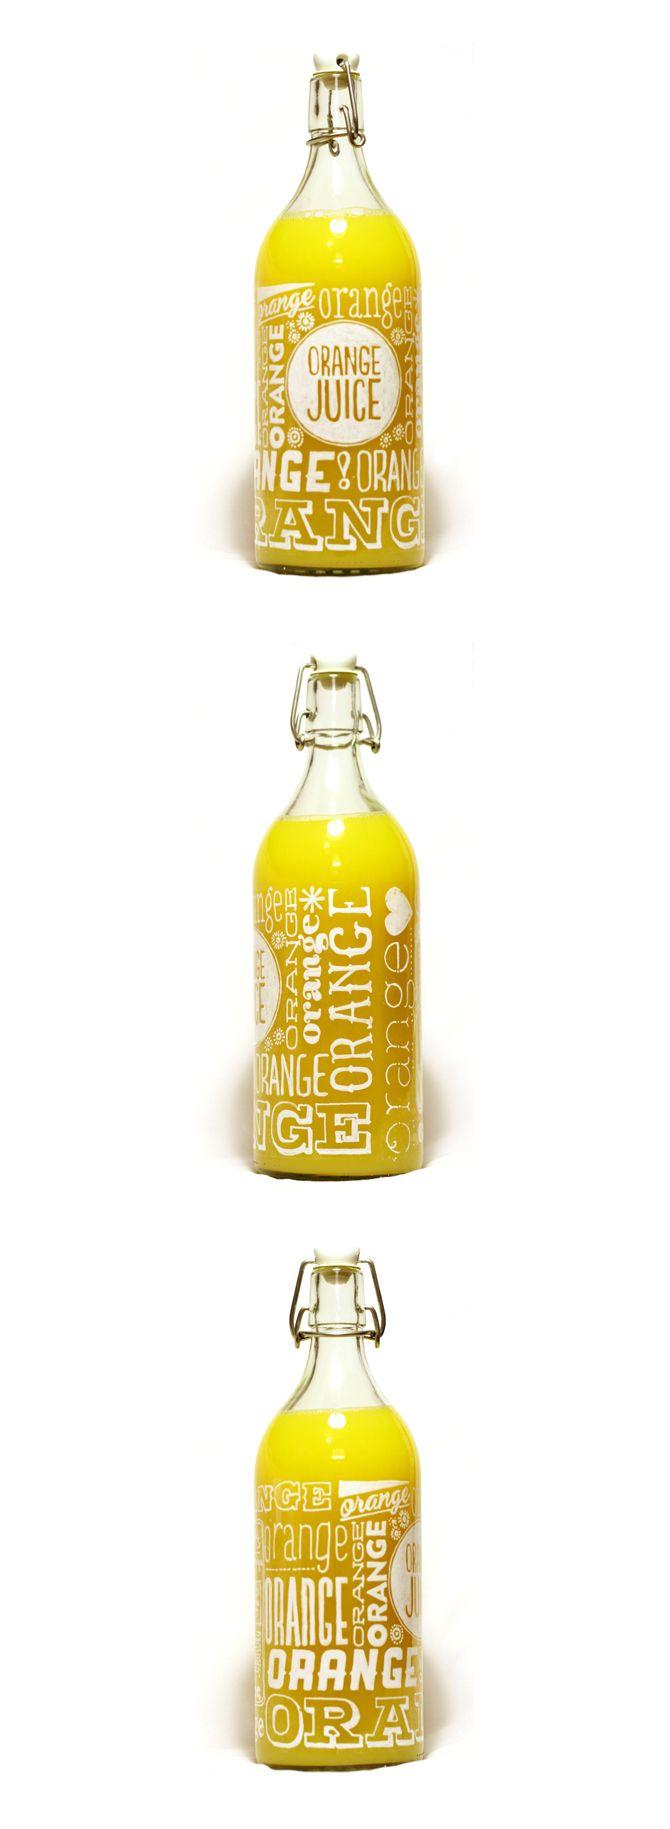 Orange Juice Packaging PD